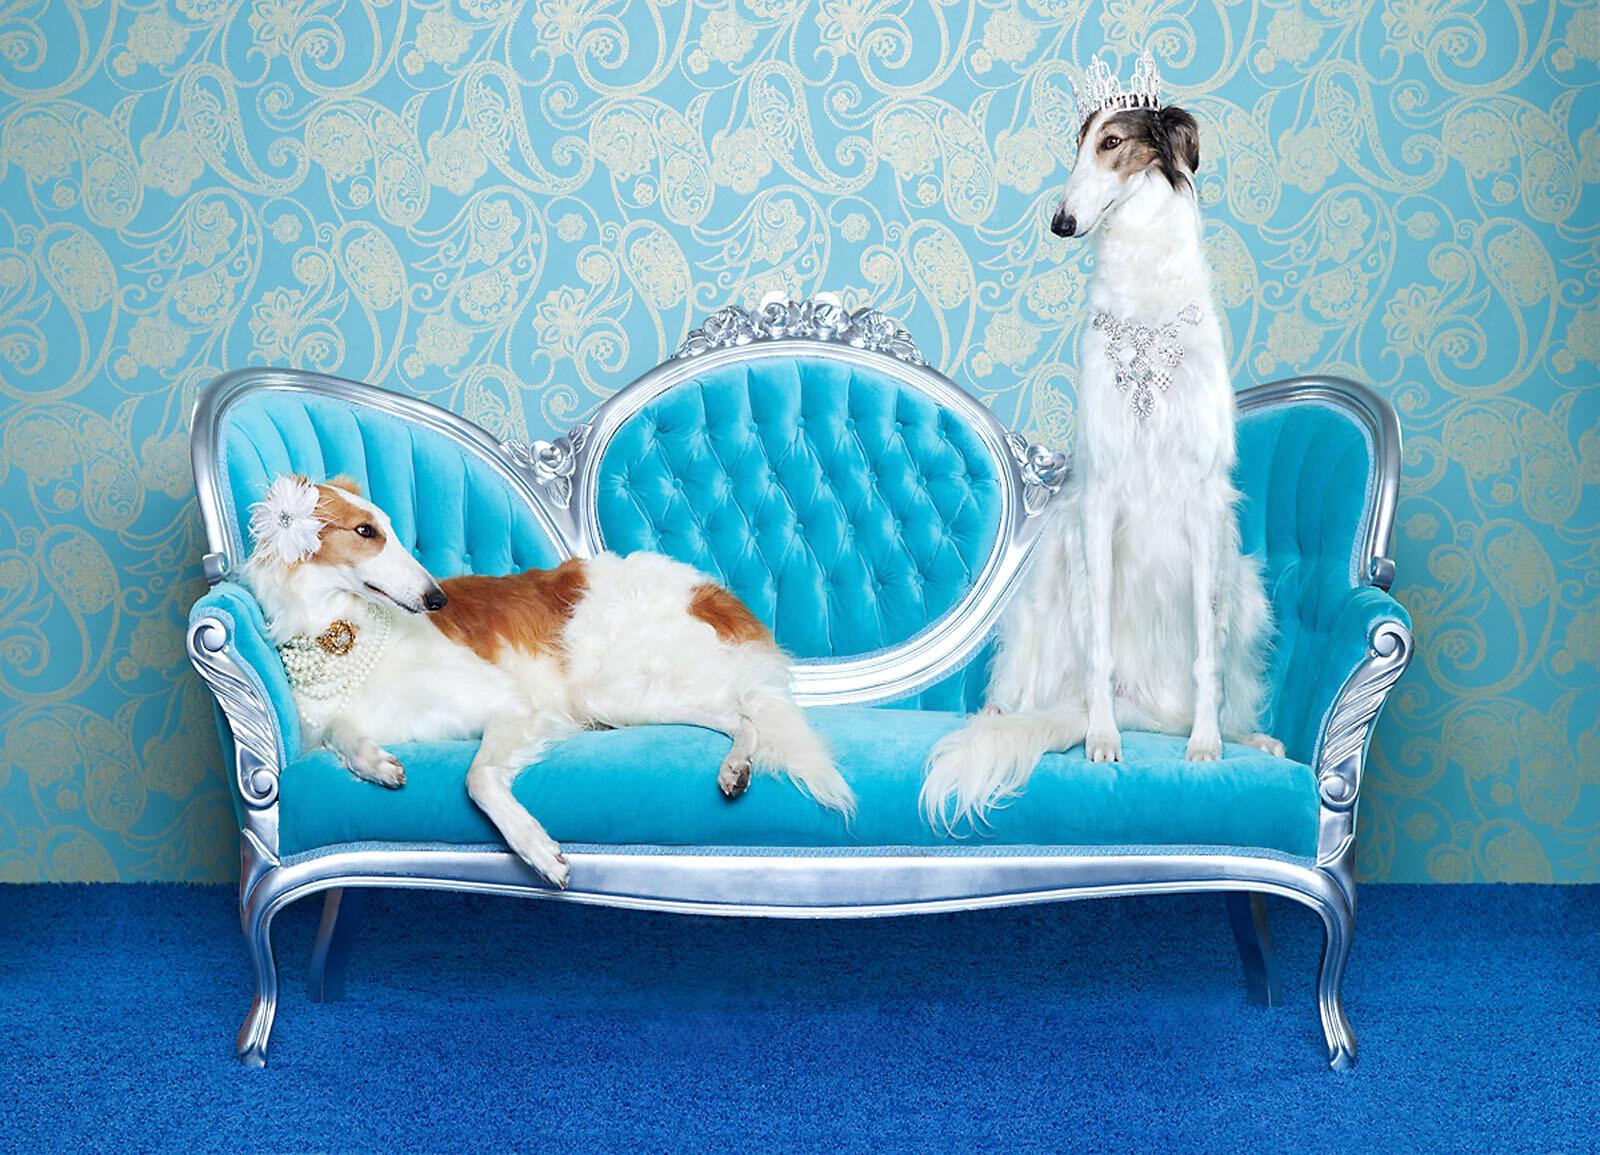 Luna & Bonny - Catherine Ledner